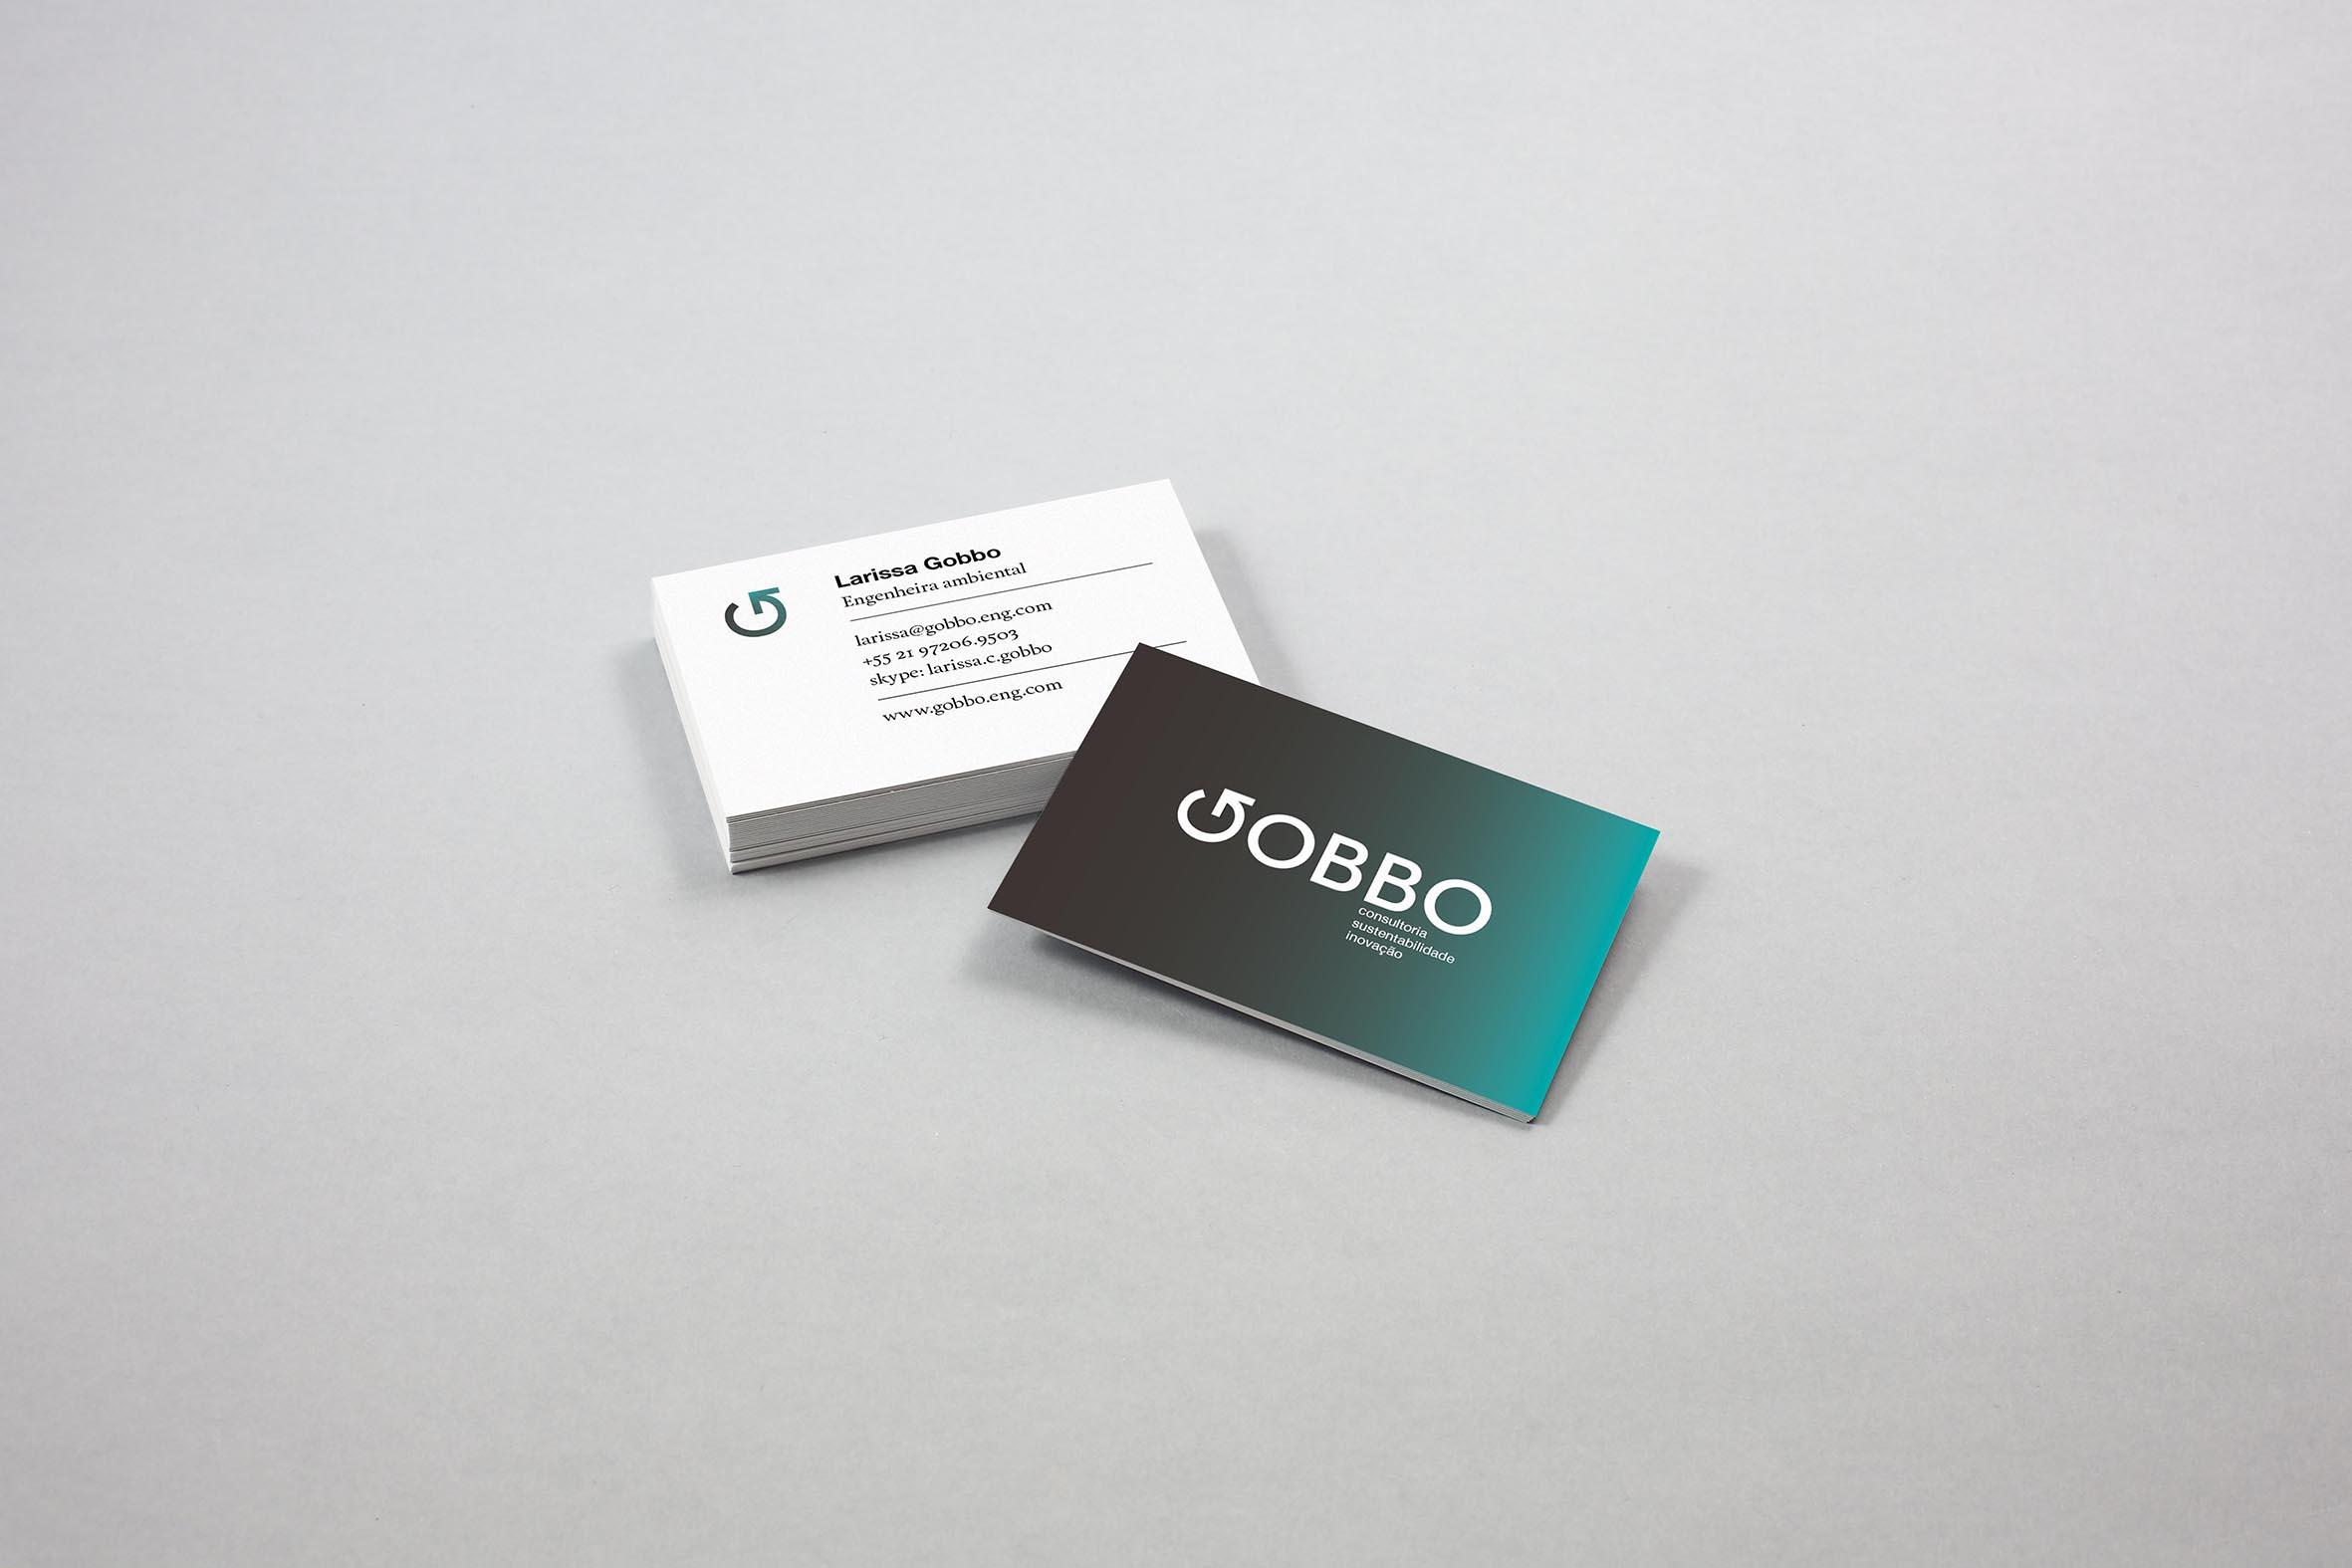 Card-Gobbo-Daniel-Cavalcanti